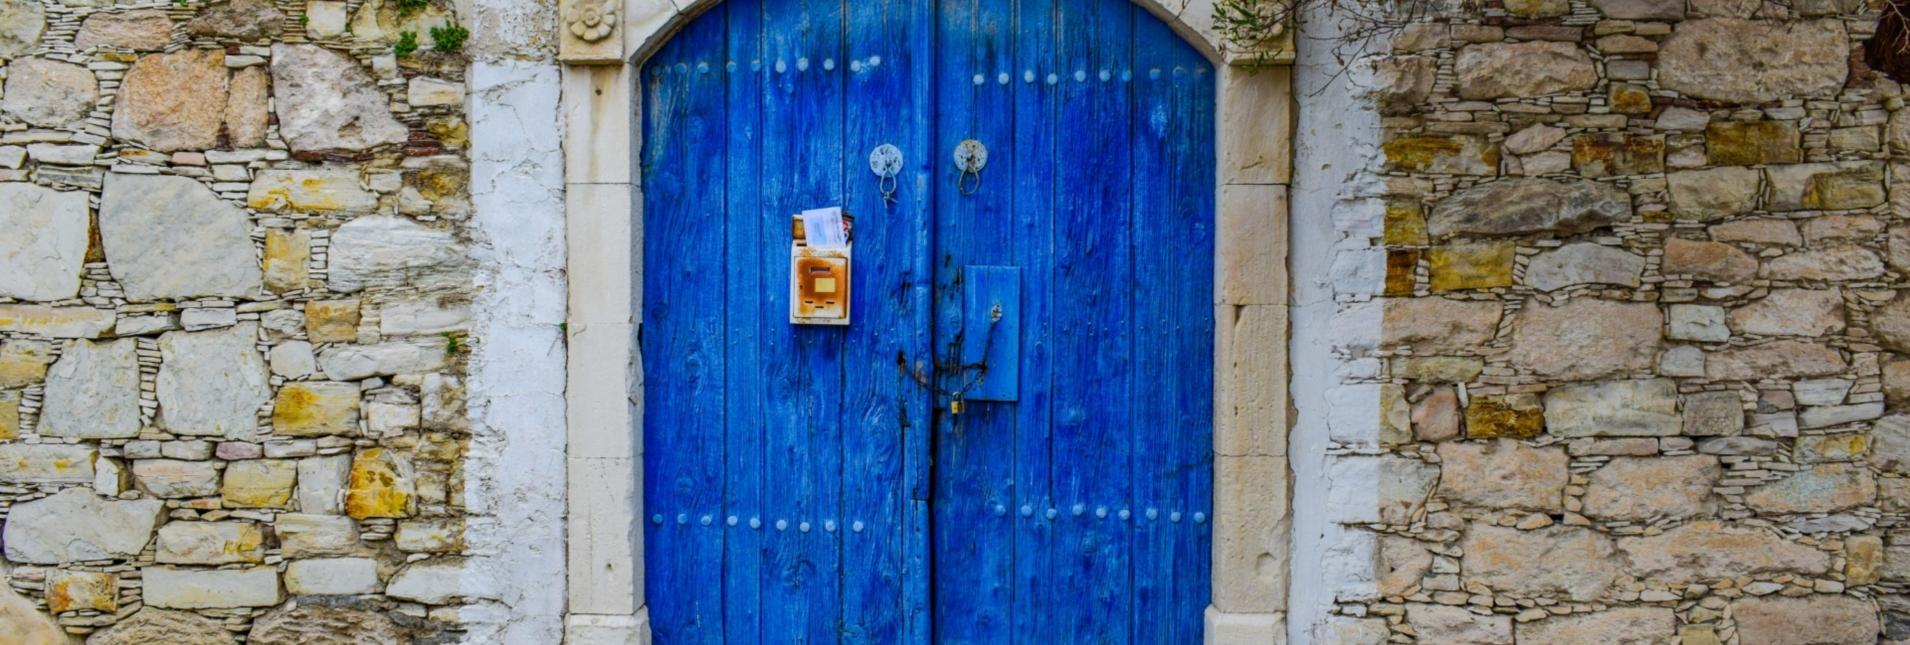 Blühender Vorfrühling auf Zypern